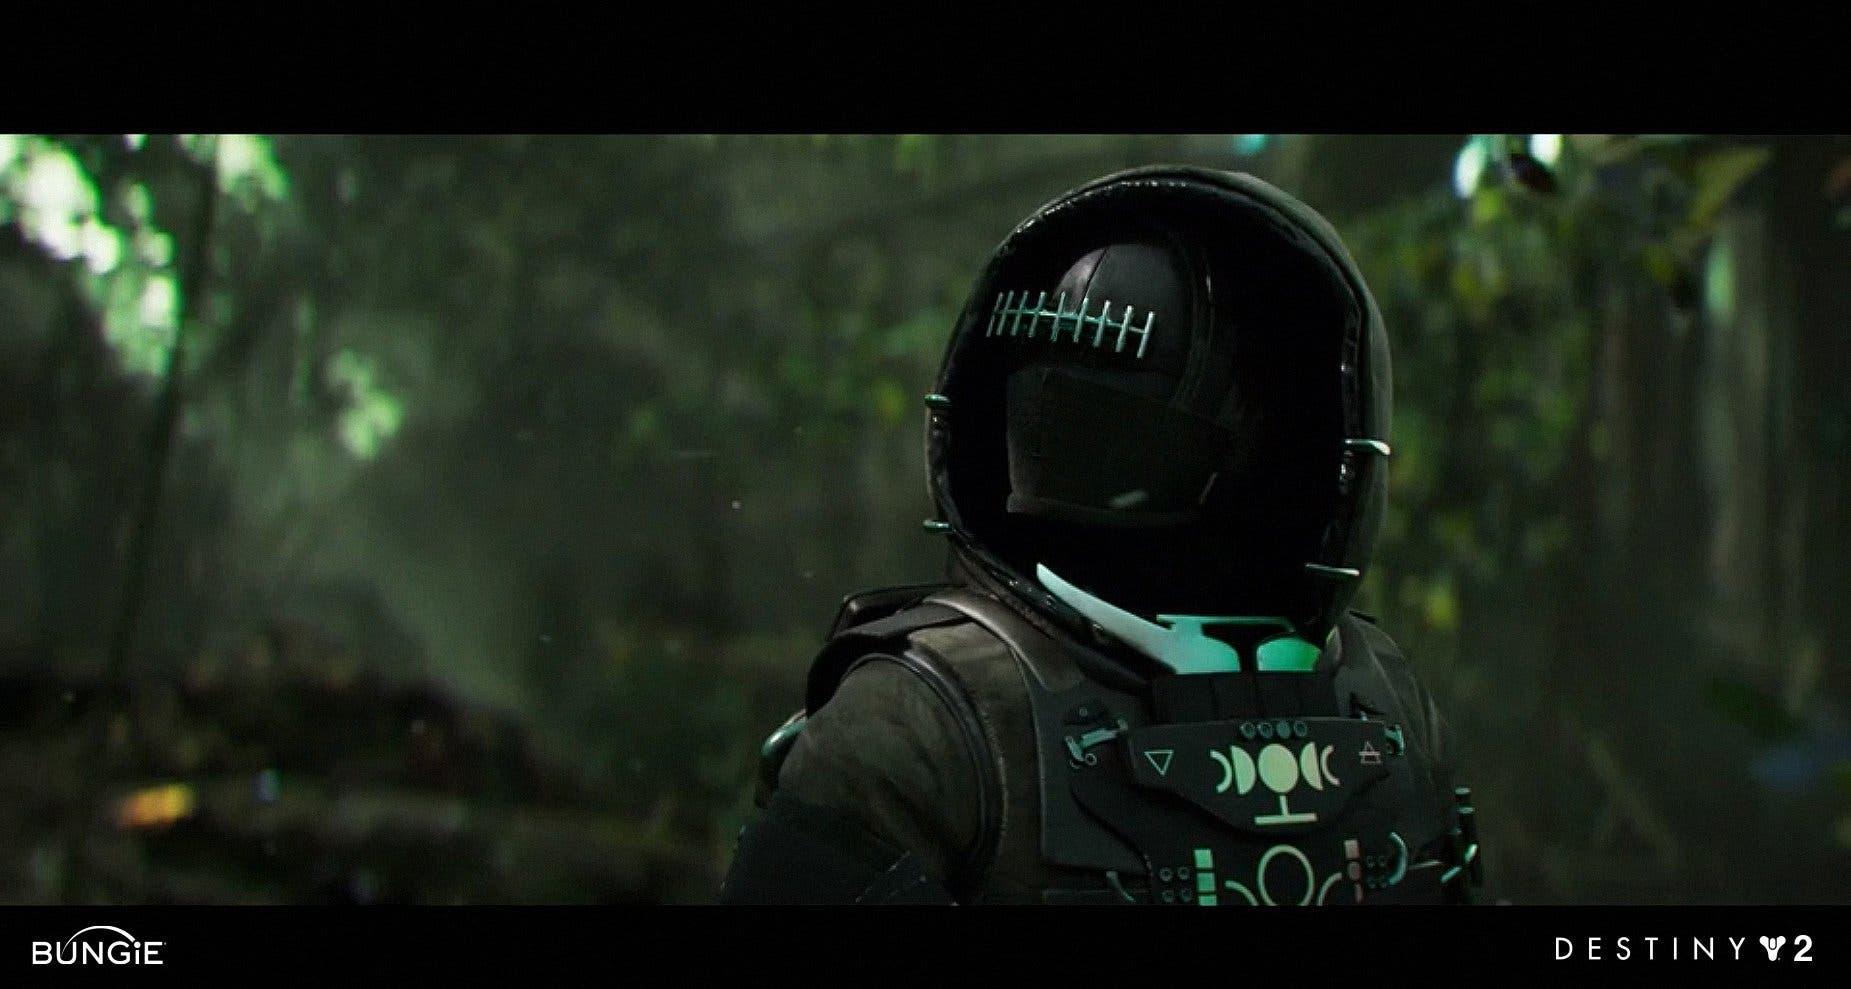 Bungie muestra la primera imagen de la próxima expansión de Destiny 2 1